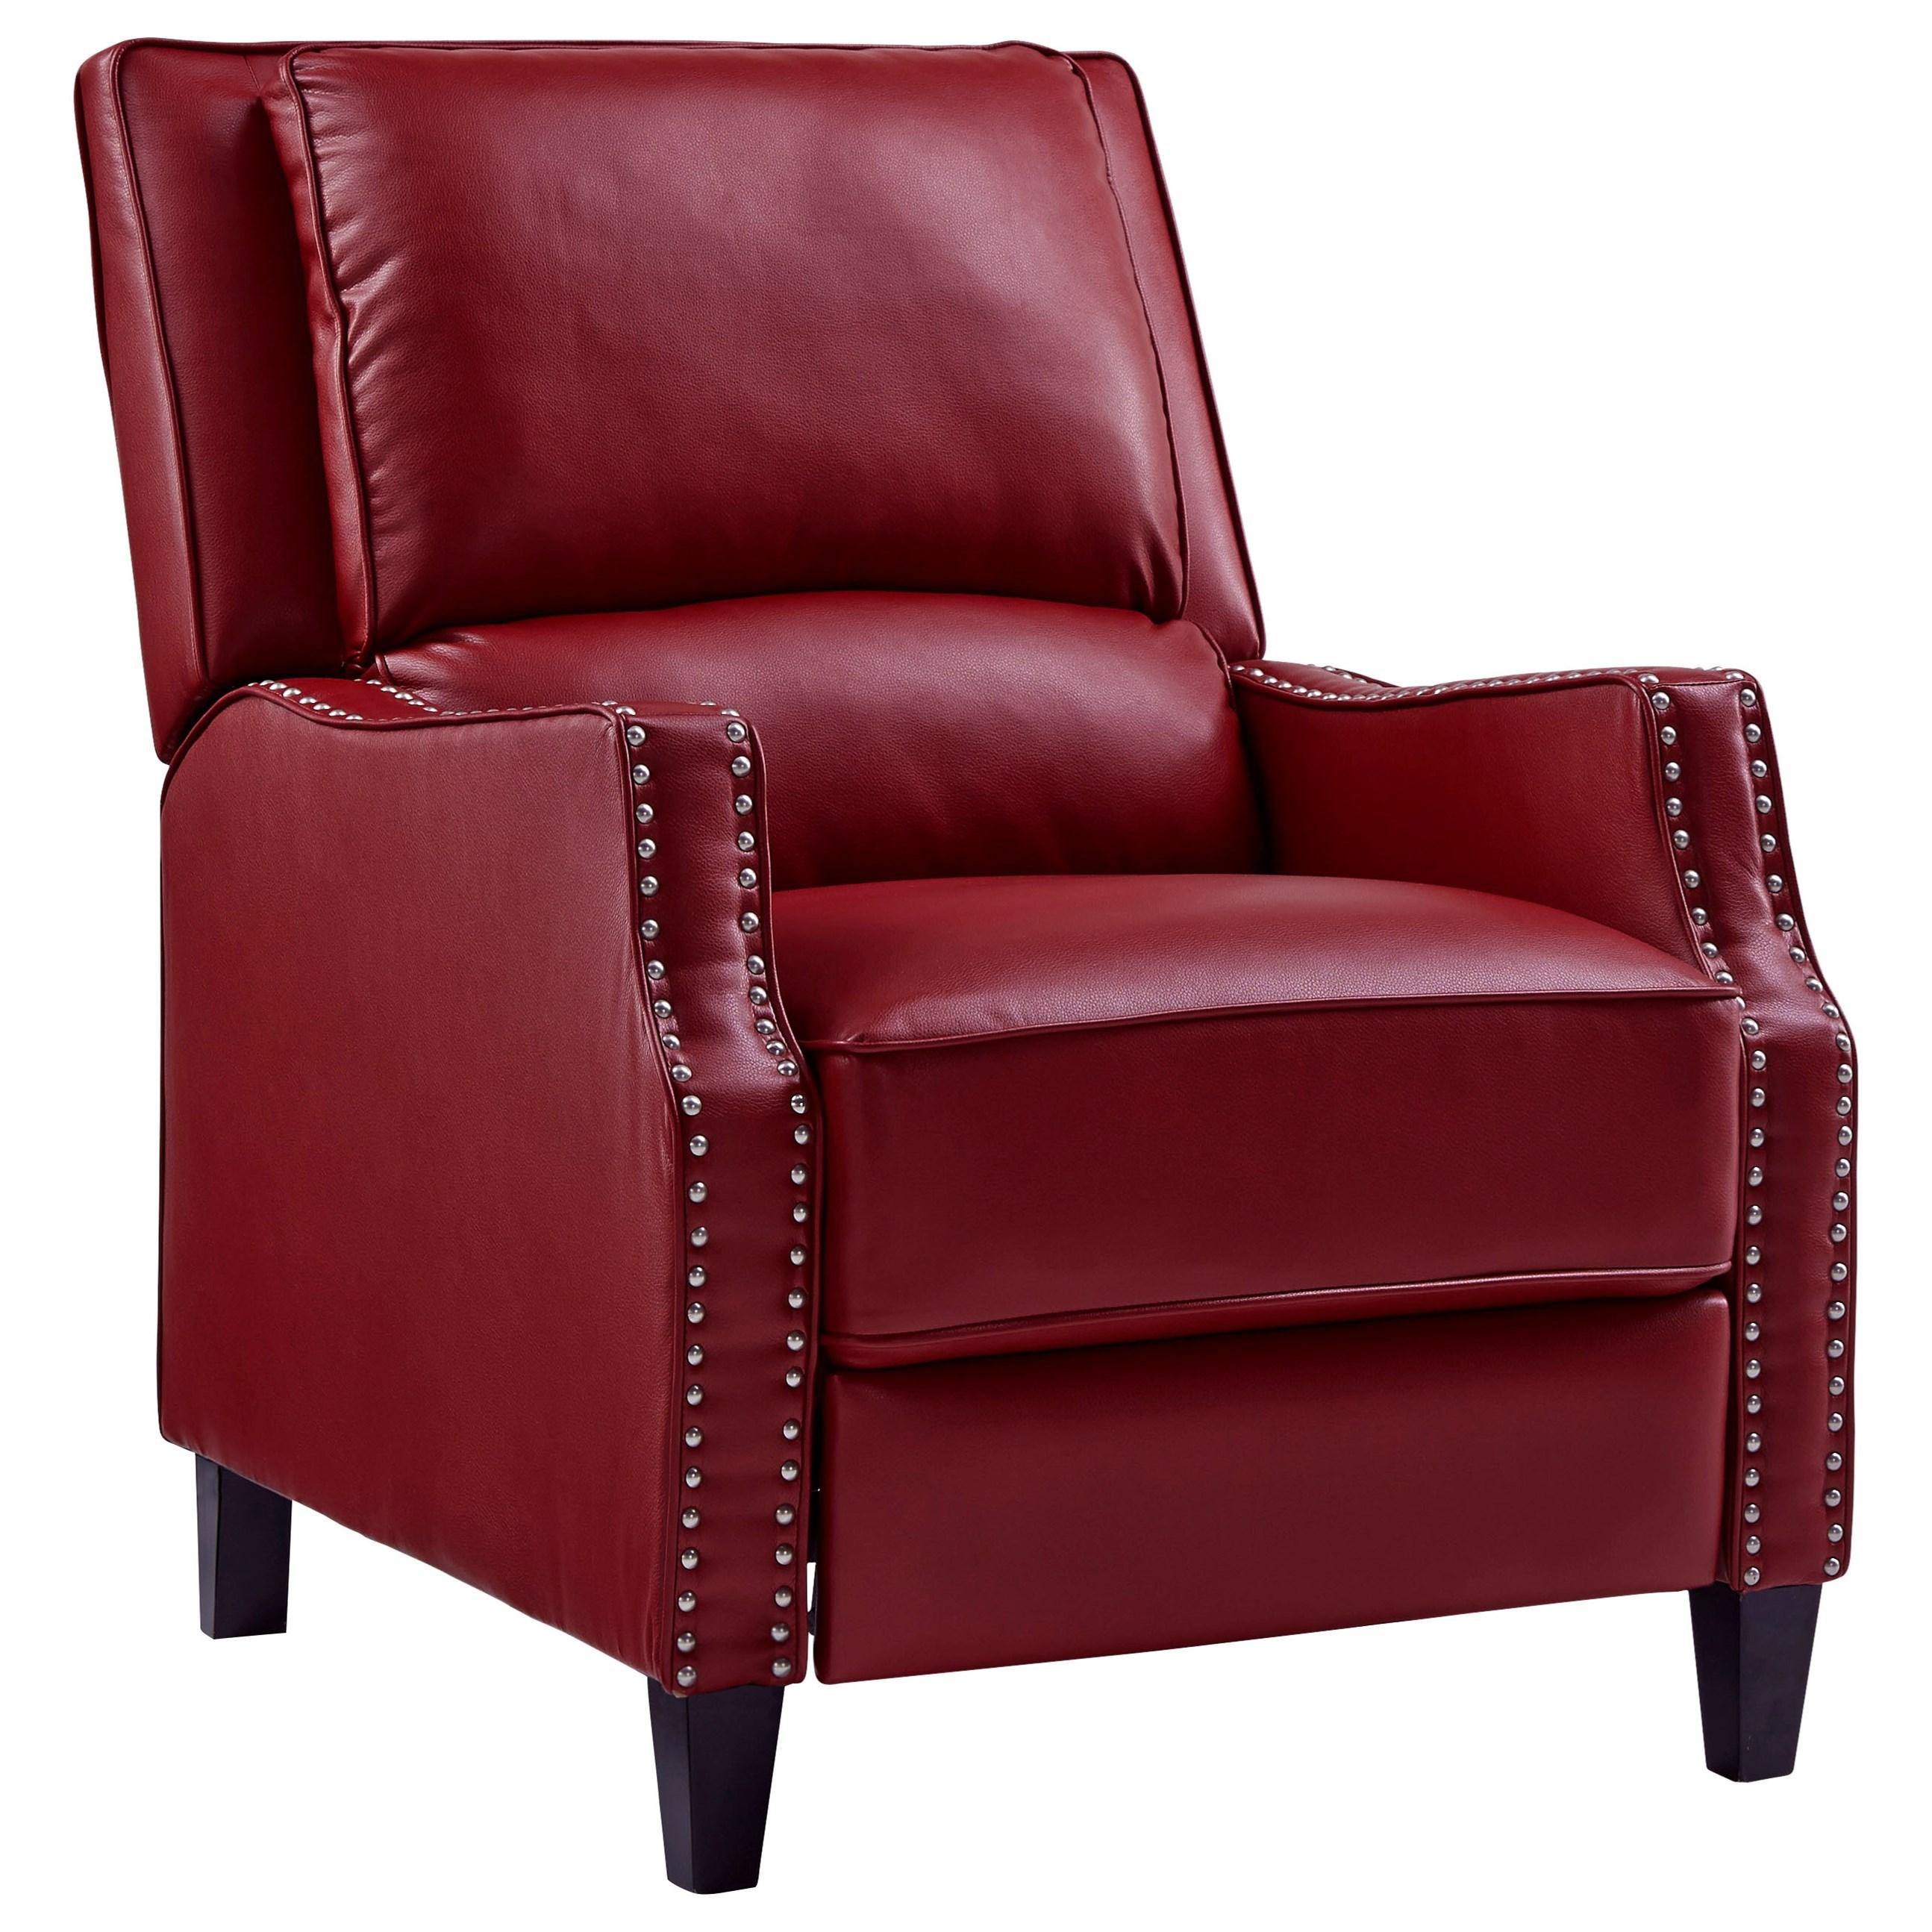 Standard Furniture Alston Recliner - Item Number: 4218837